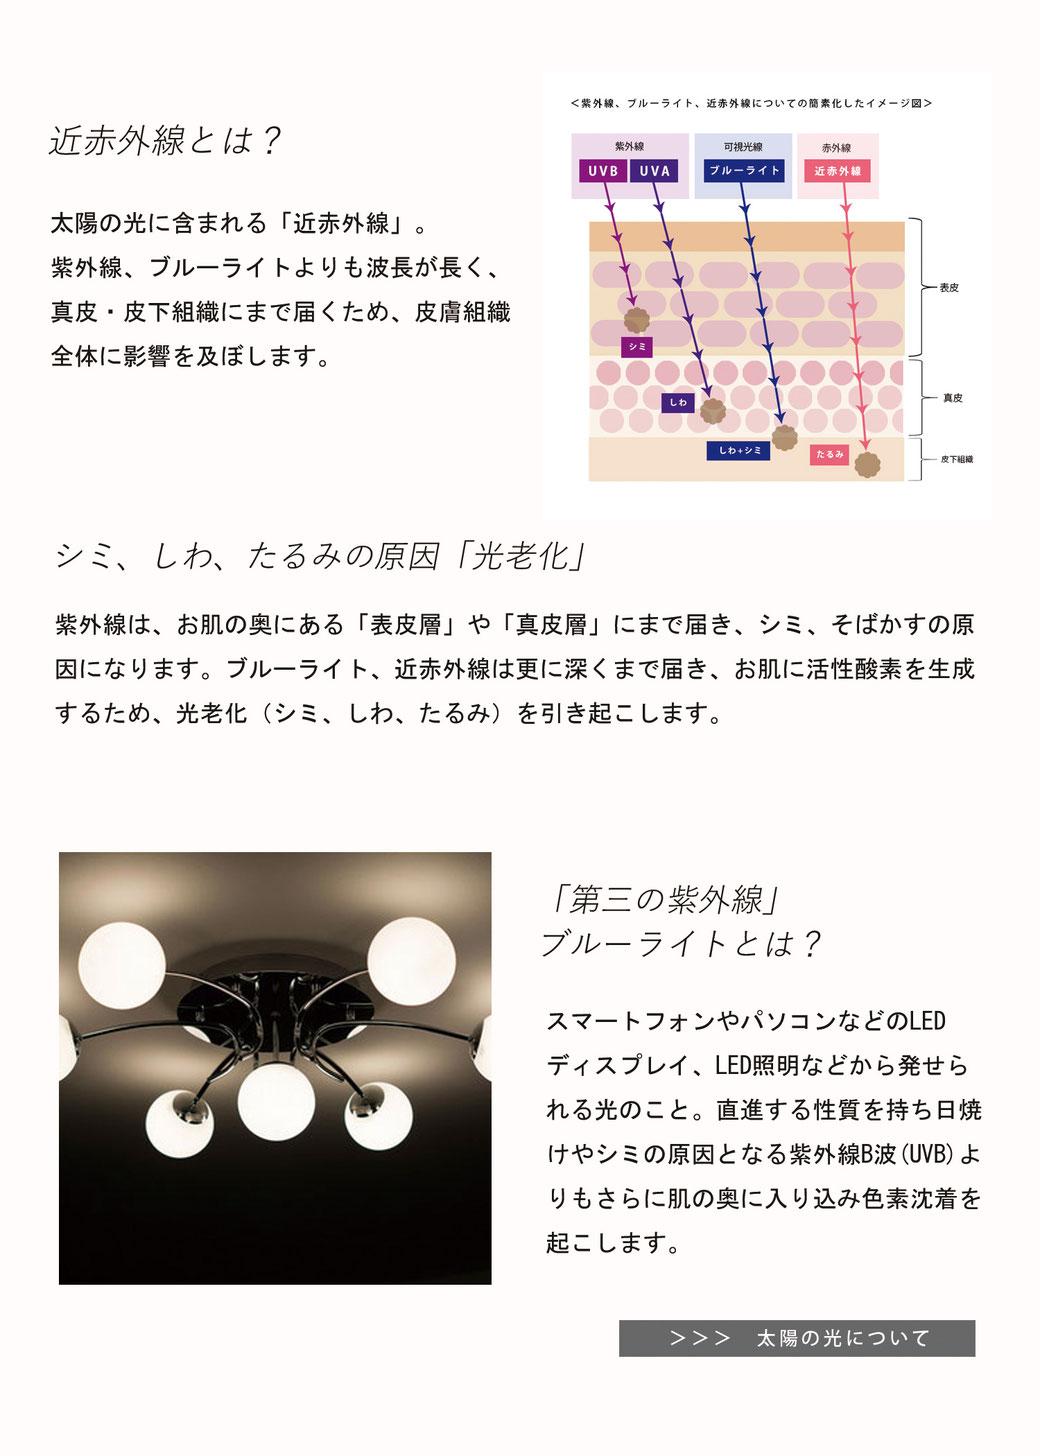 新・紫外線散乱剤「酸化セリウム」使用